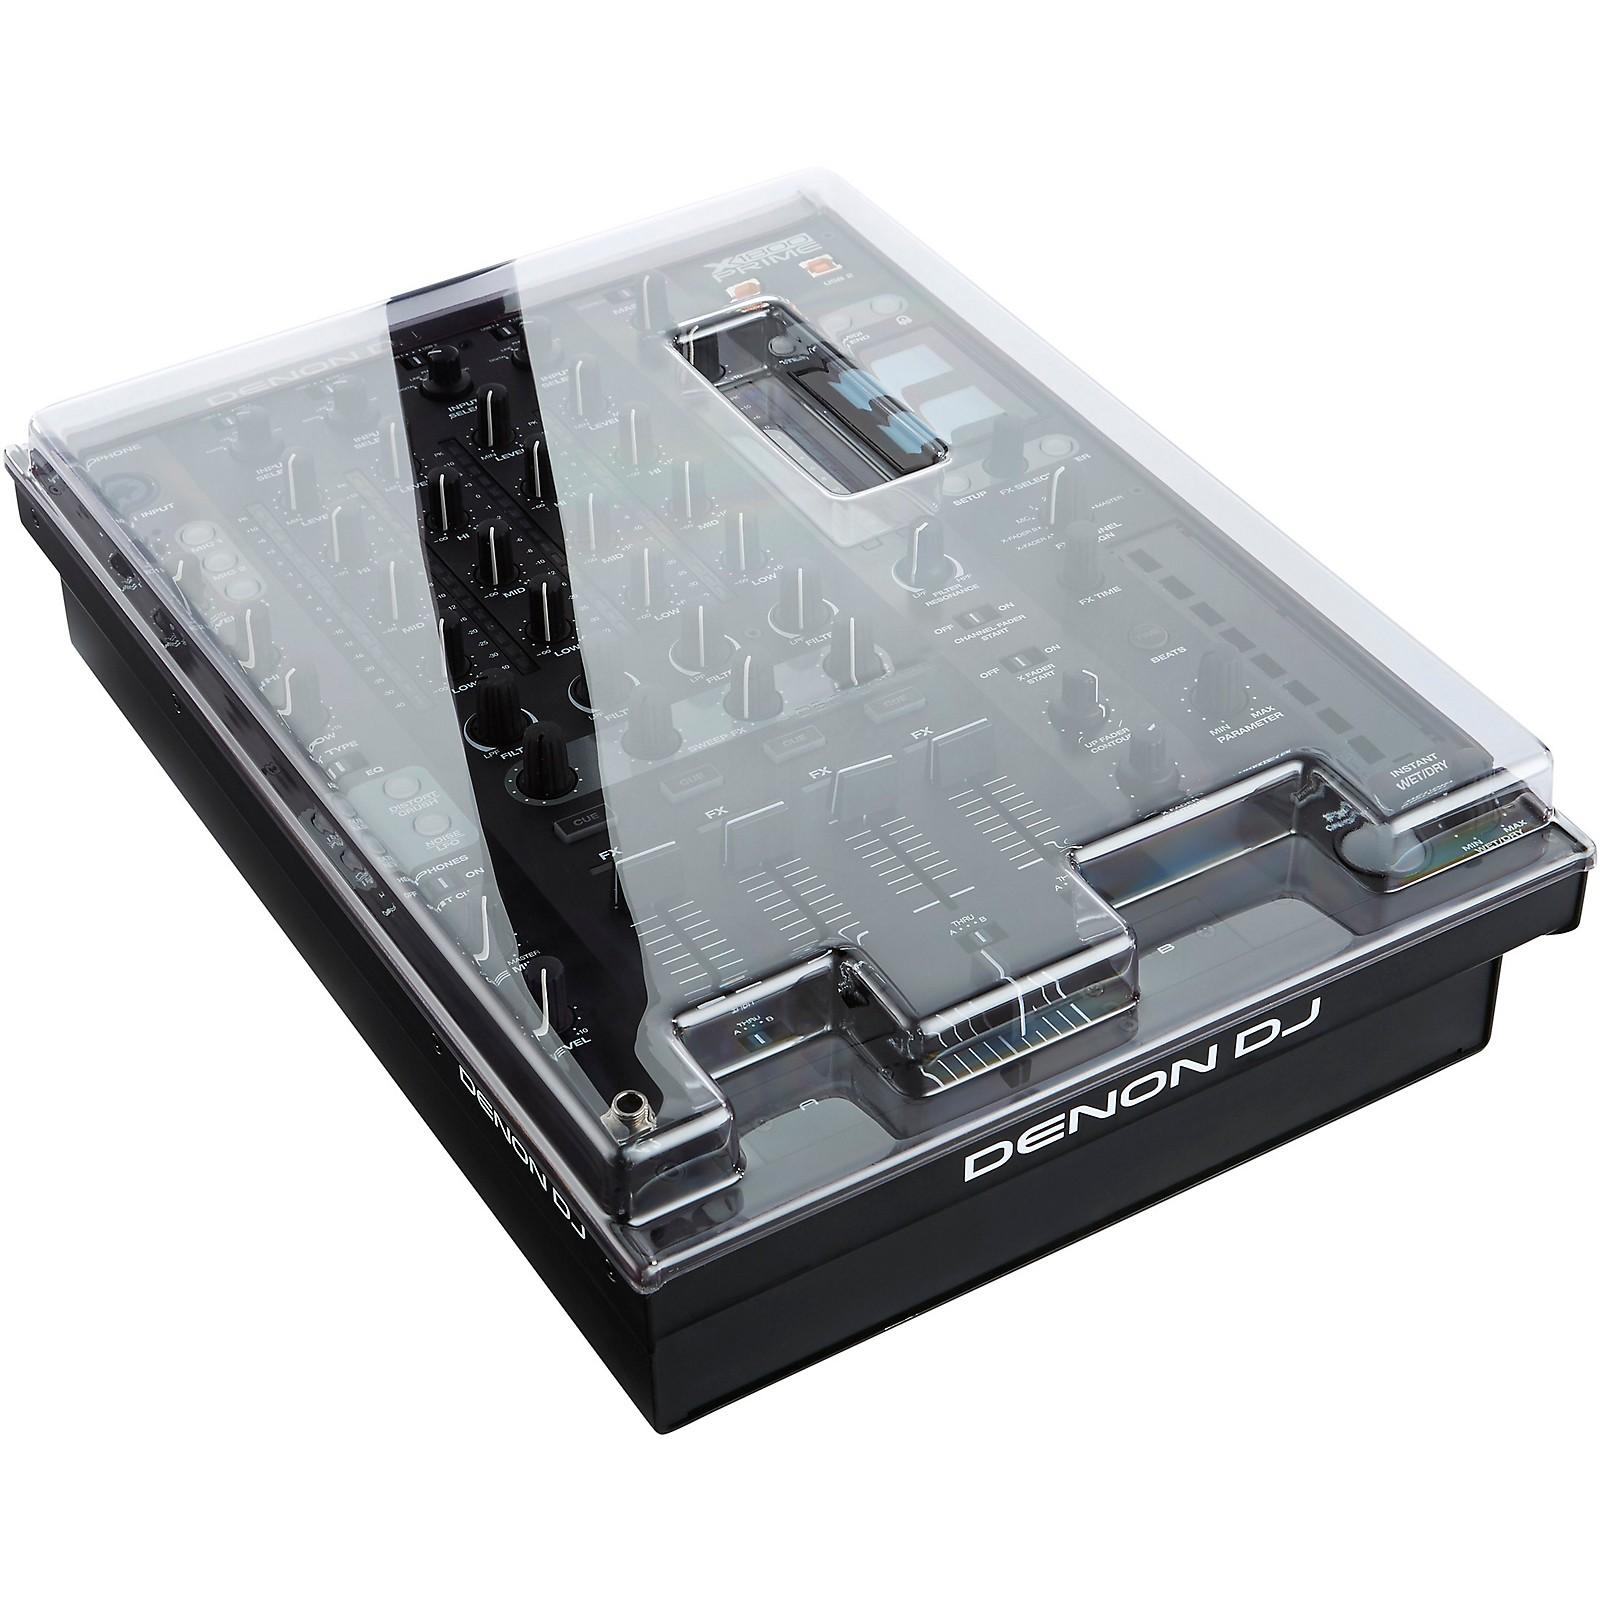 Decksaver Decksaver Denon X1800 Prime Mixer Clear Dust Cover